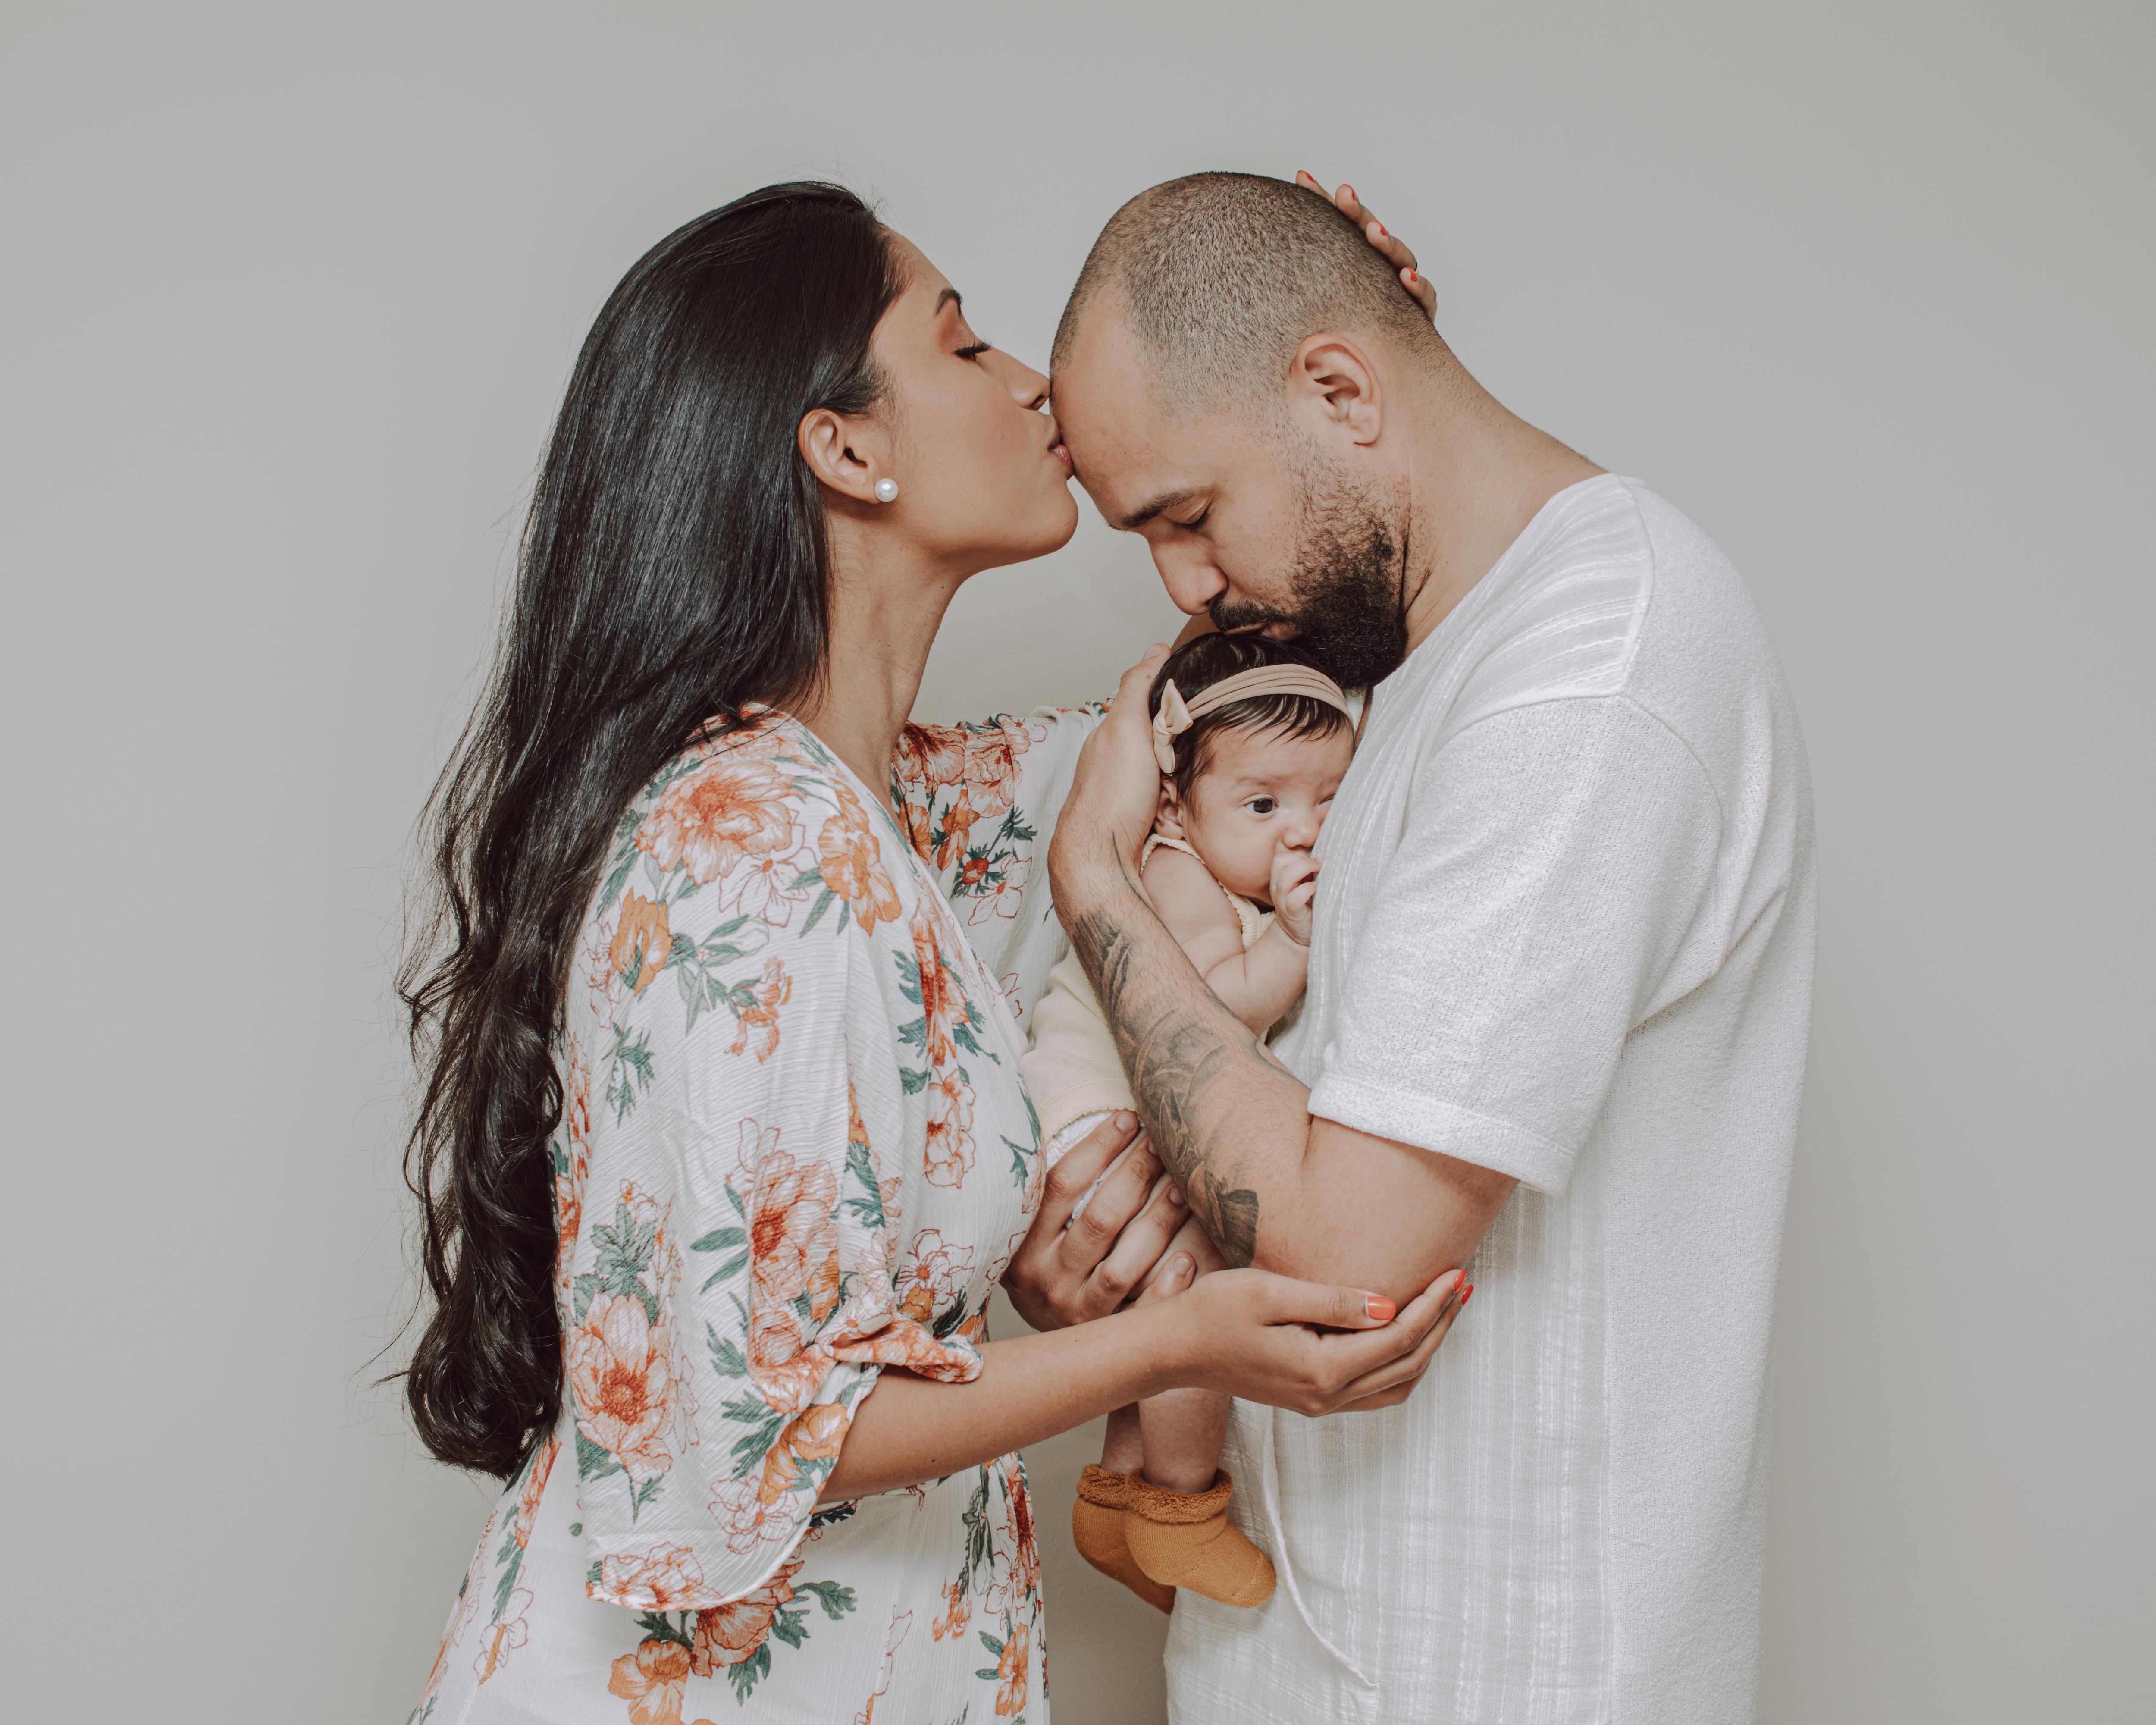 Contate Fotografia de Grávida, Casal e Família - Lanne Machado Fotografia